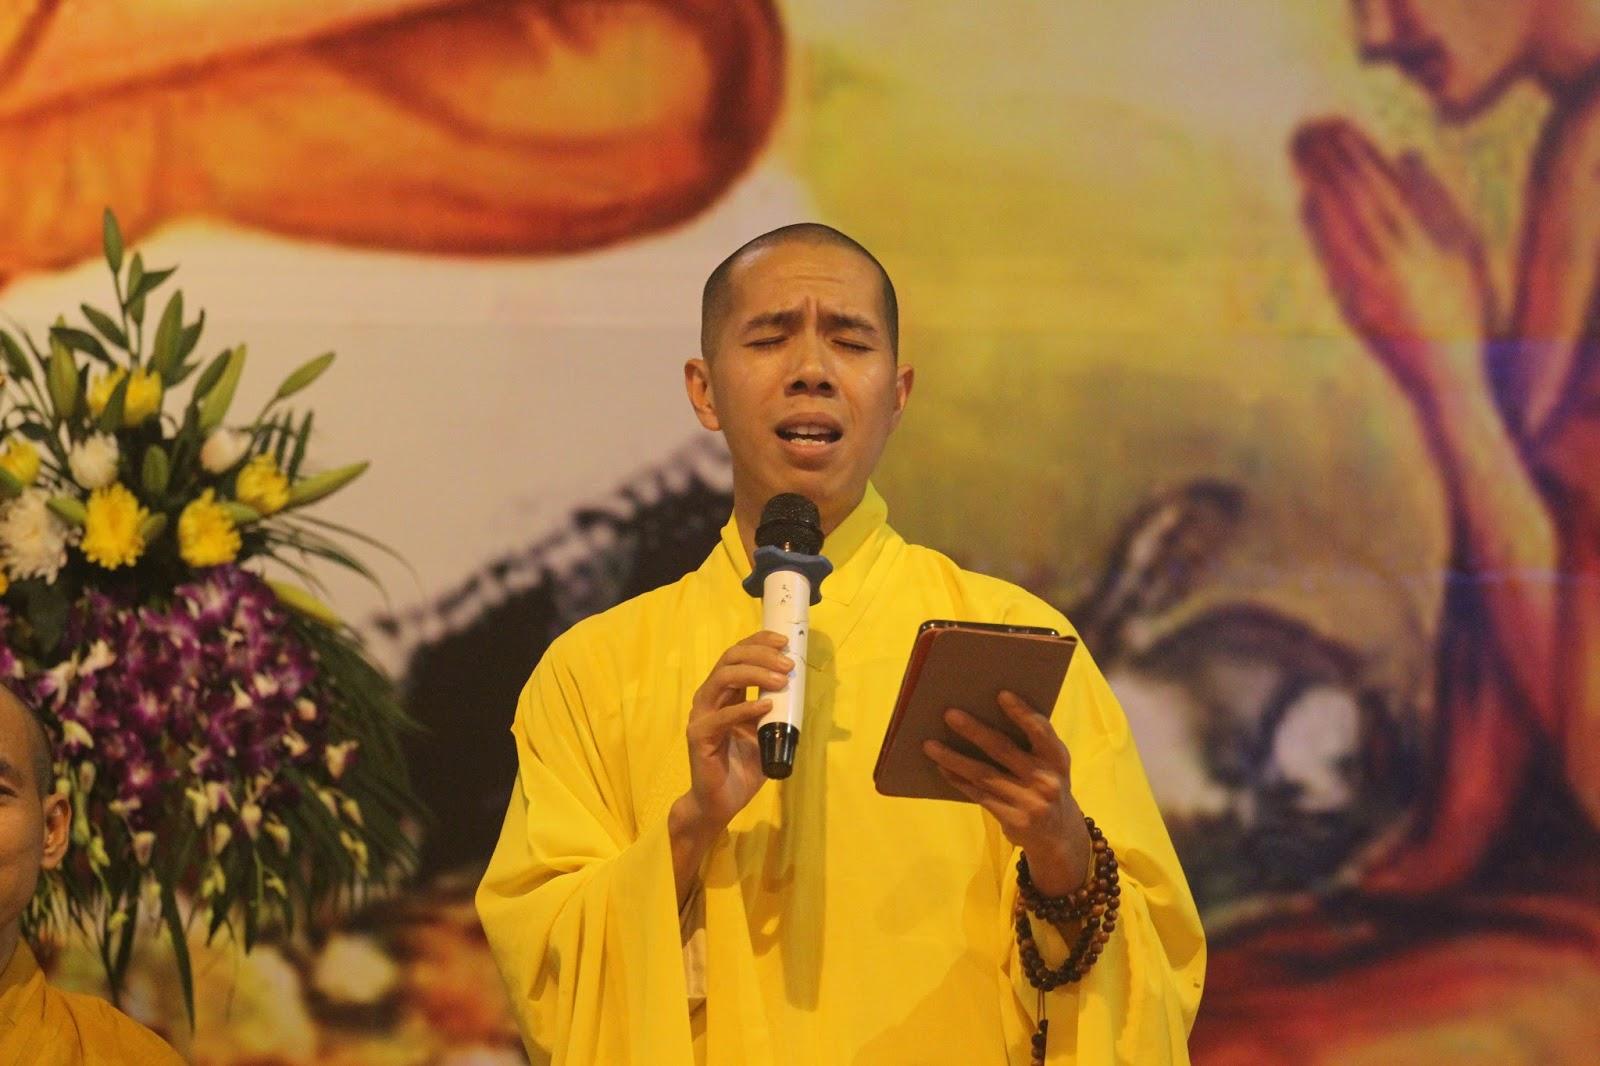 Tiếp theo chương trình là những tiết mục ngâm thơ của các Phật tử tham gia đêm thiền trà, góp phần làm cho chương trình đêm Trung thu càng trở nên sinh ...